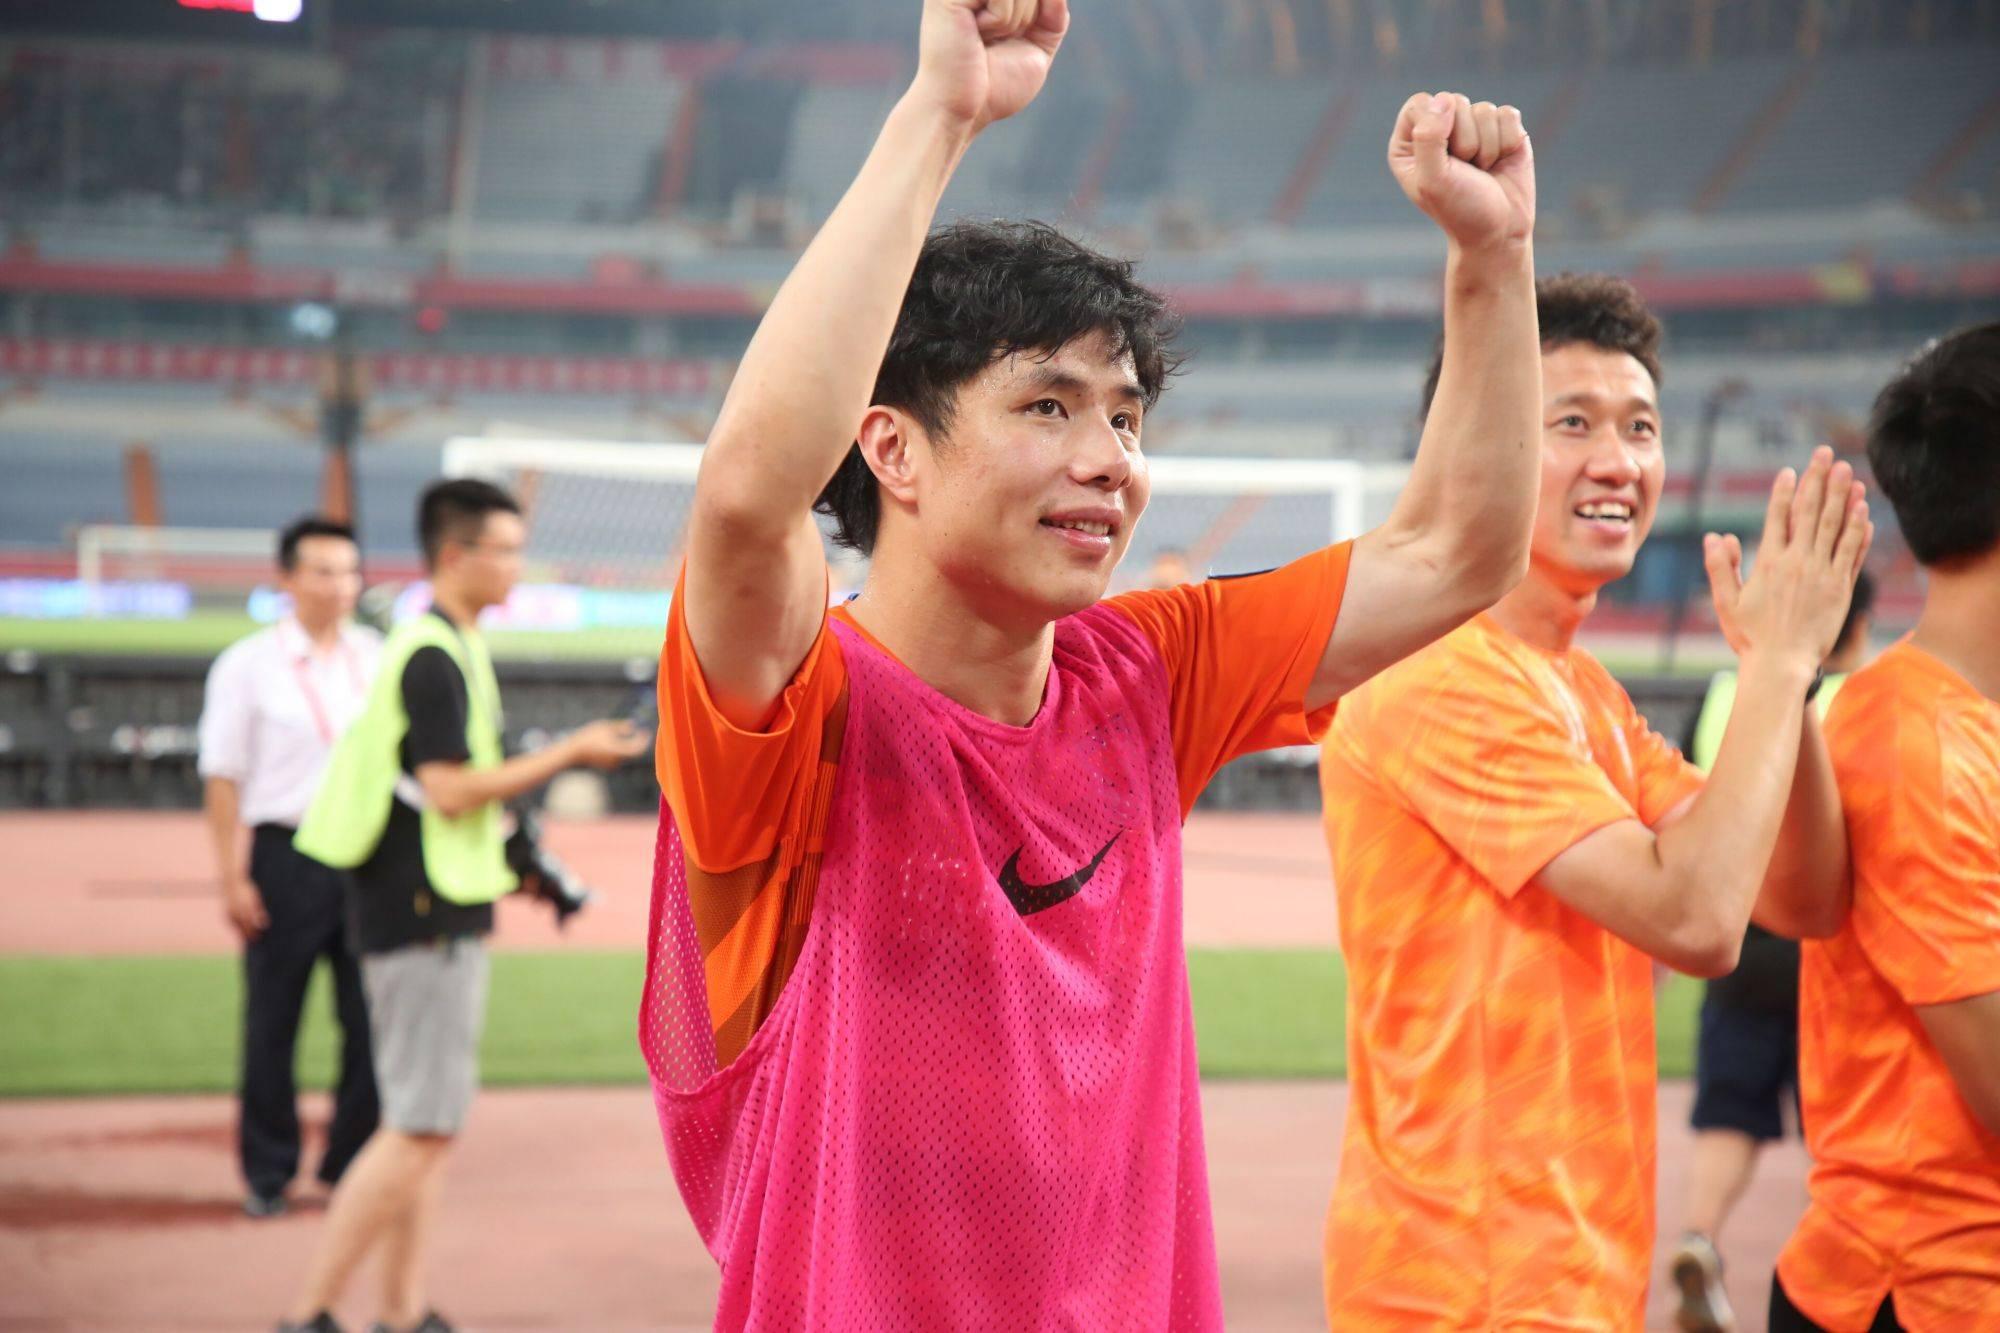 泰山队挑战广州有利好,队长复出在即郝伟幸福烦恼,小心3大归化